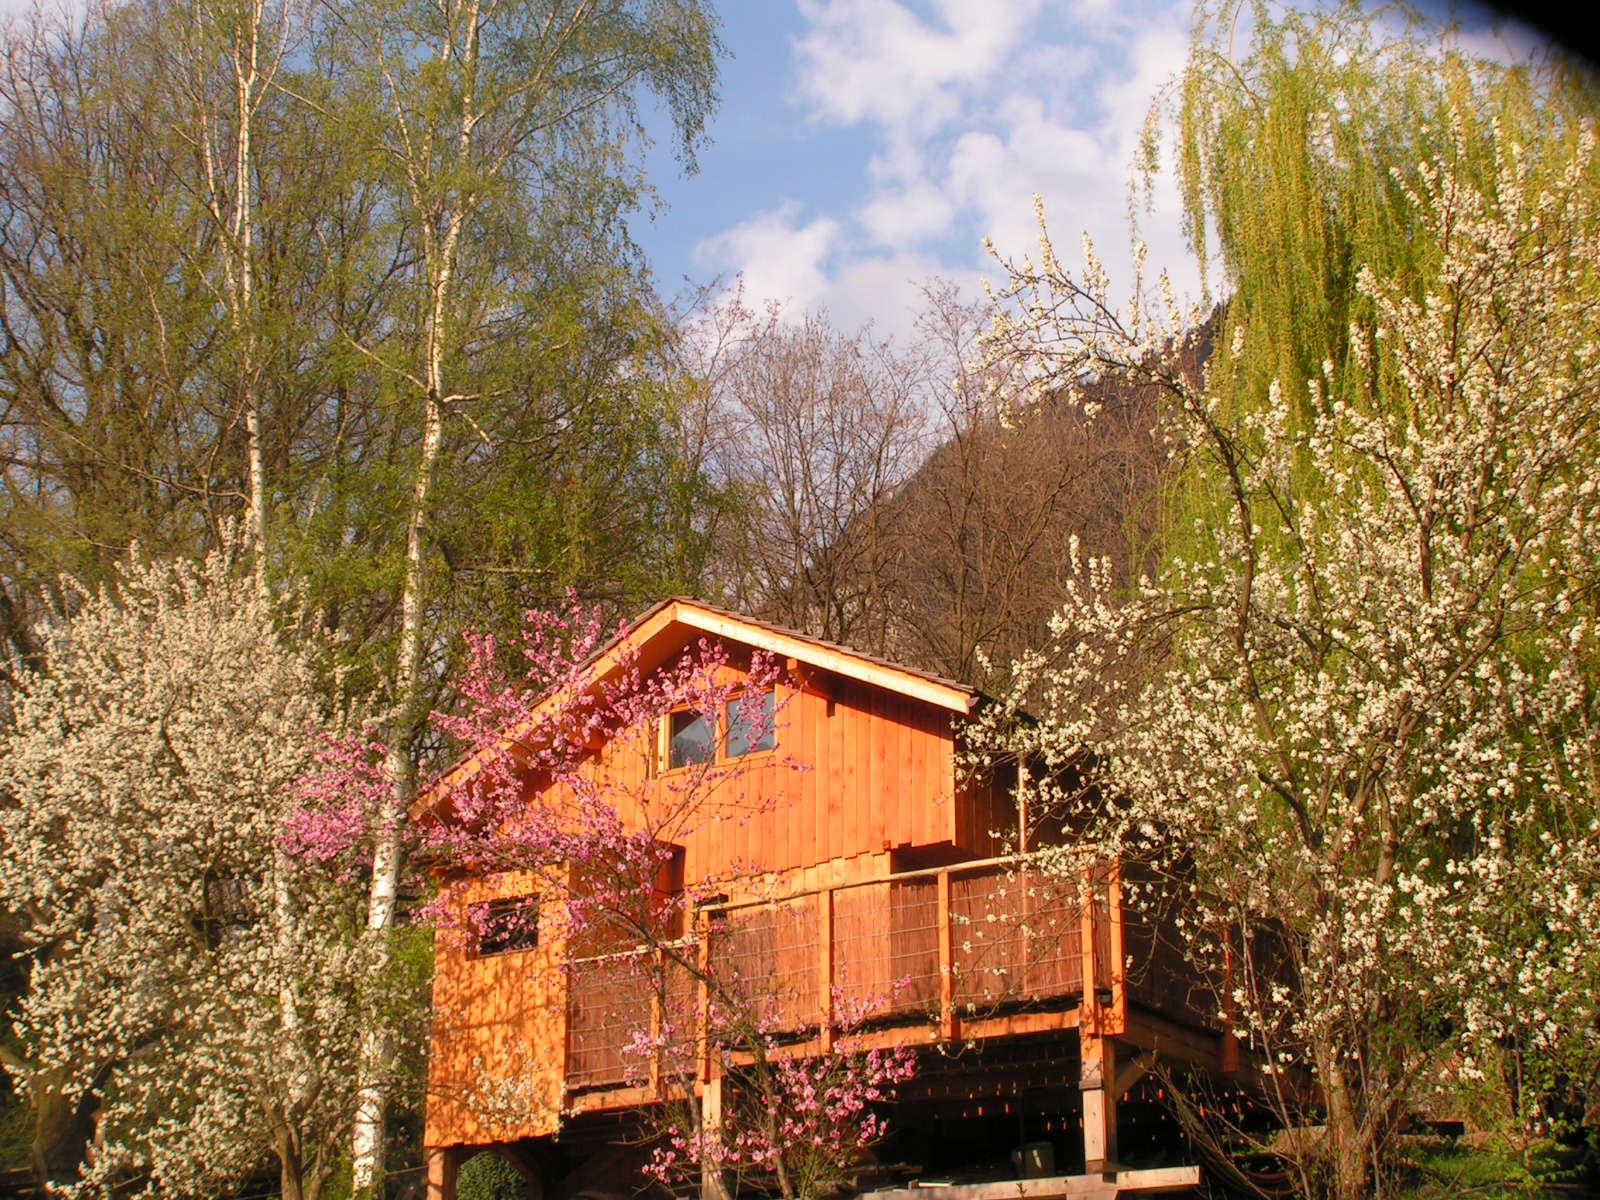 La chapelle tourism office la chambre for Bus saint avre la chambre saint francois longchamp